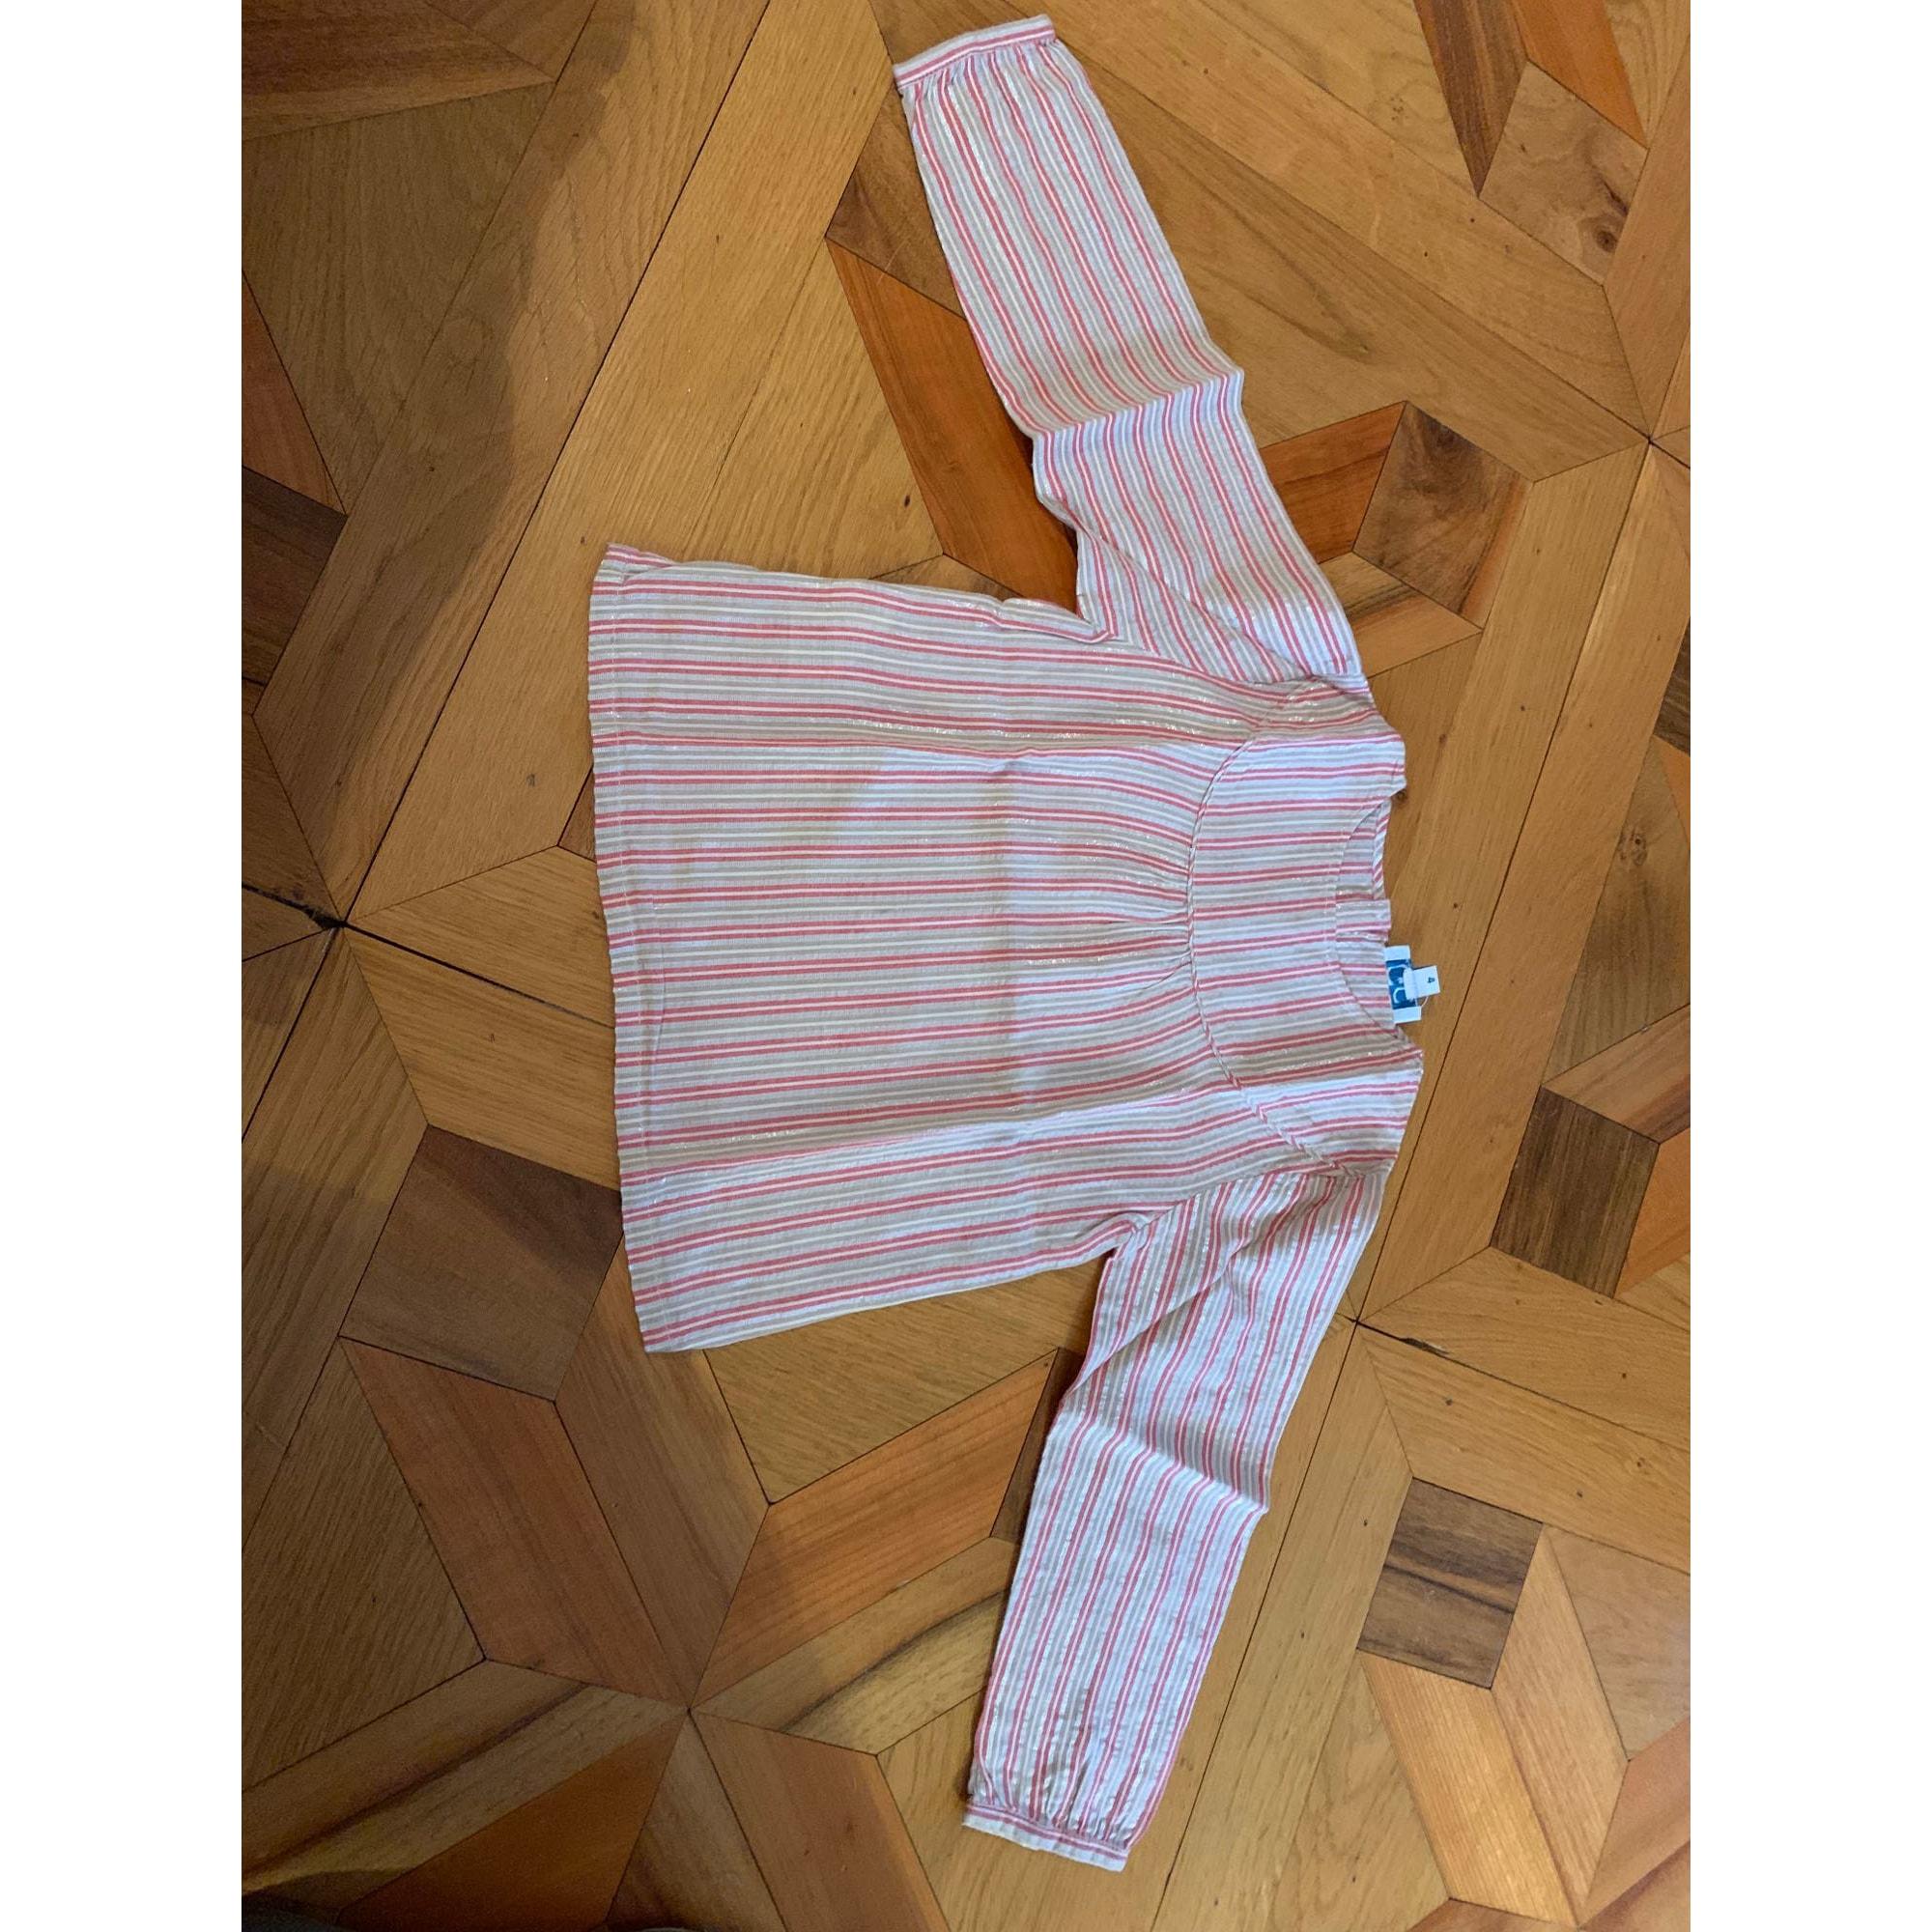 Blouse C DE C BY CORDELIA DE CASTELLANE coton multicolore 3-4 ans